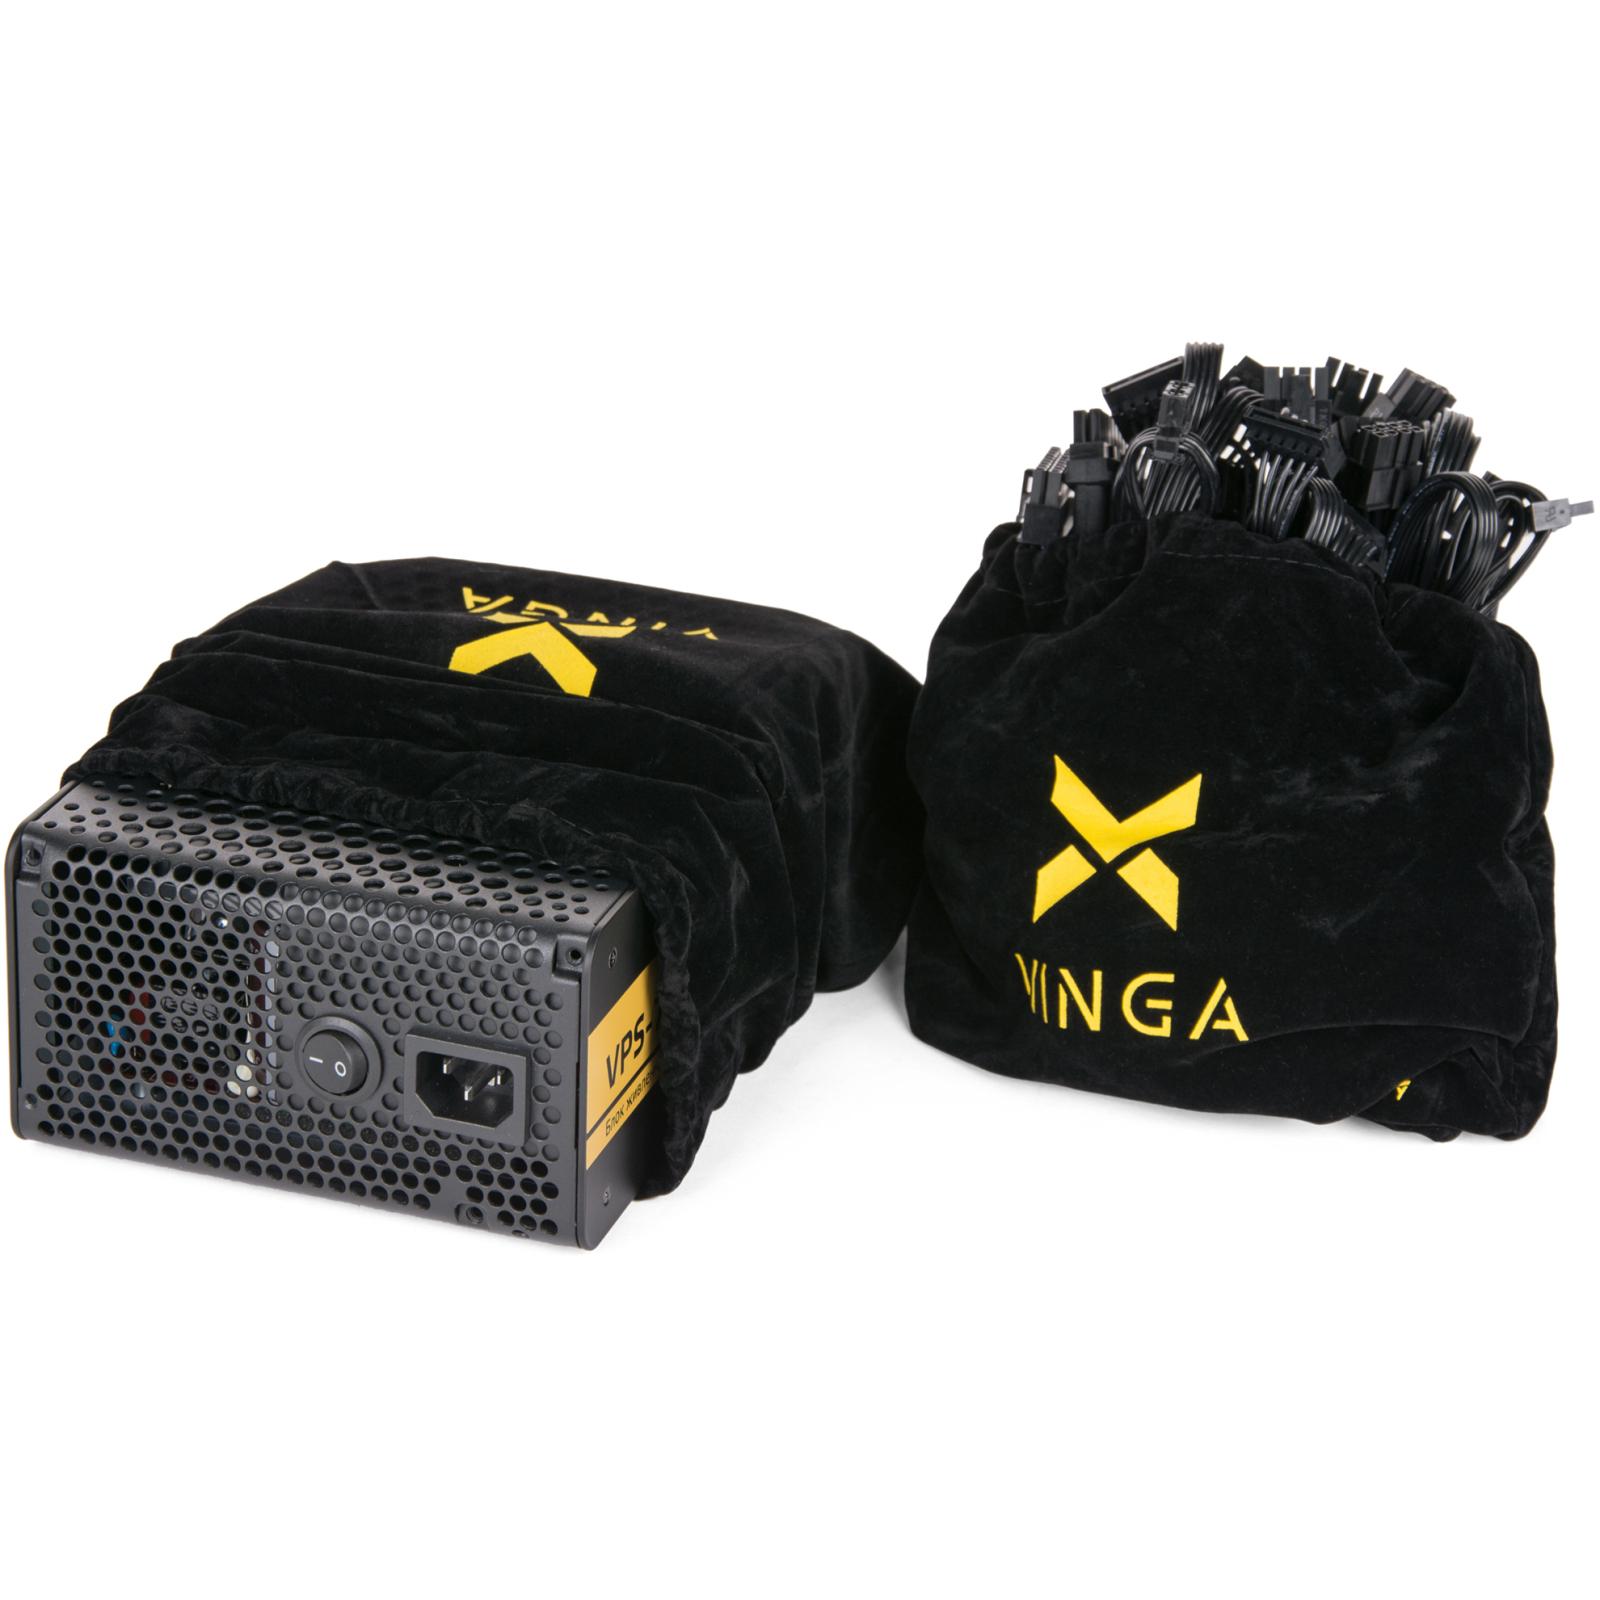 Блок живлення Vinga 650W (VPS-650G) зображення 4